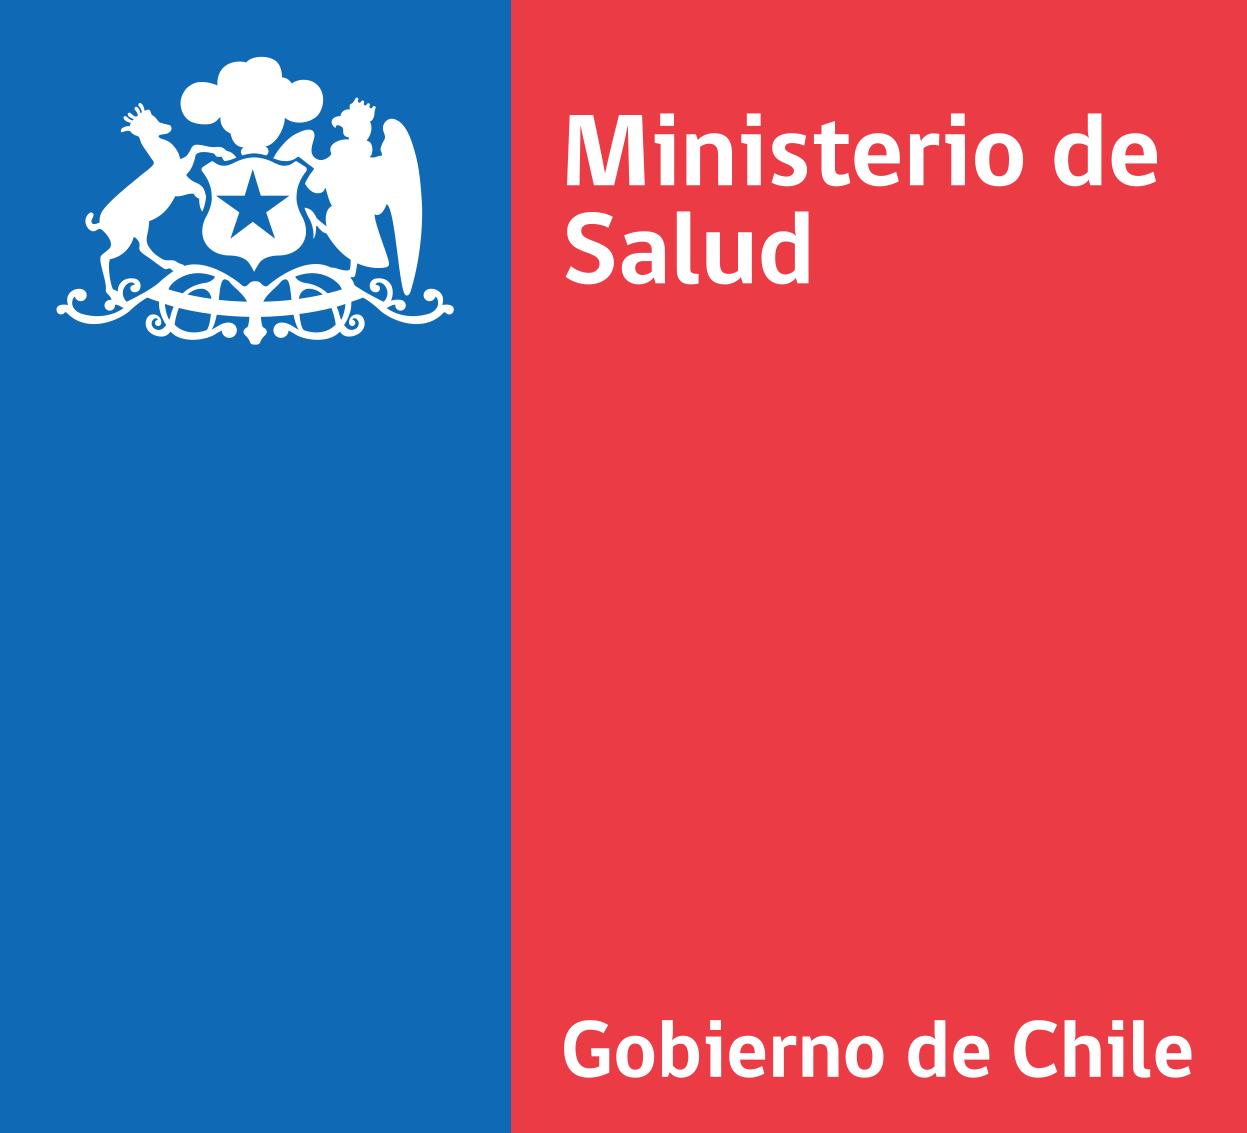 A Ministerio de Salud